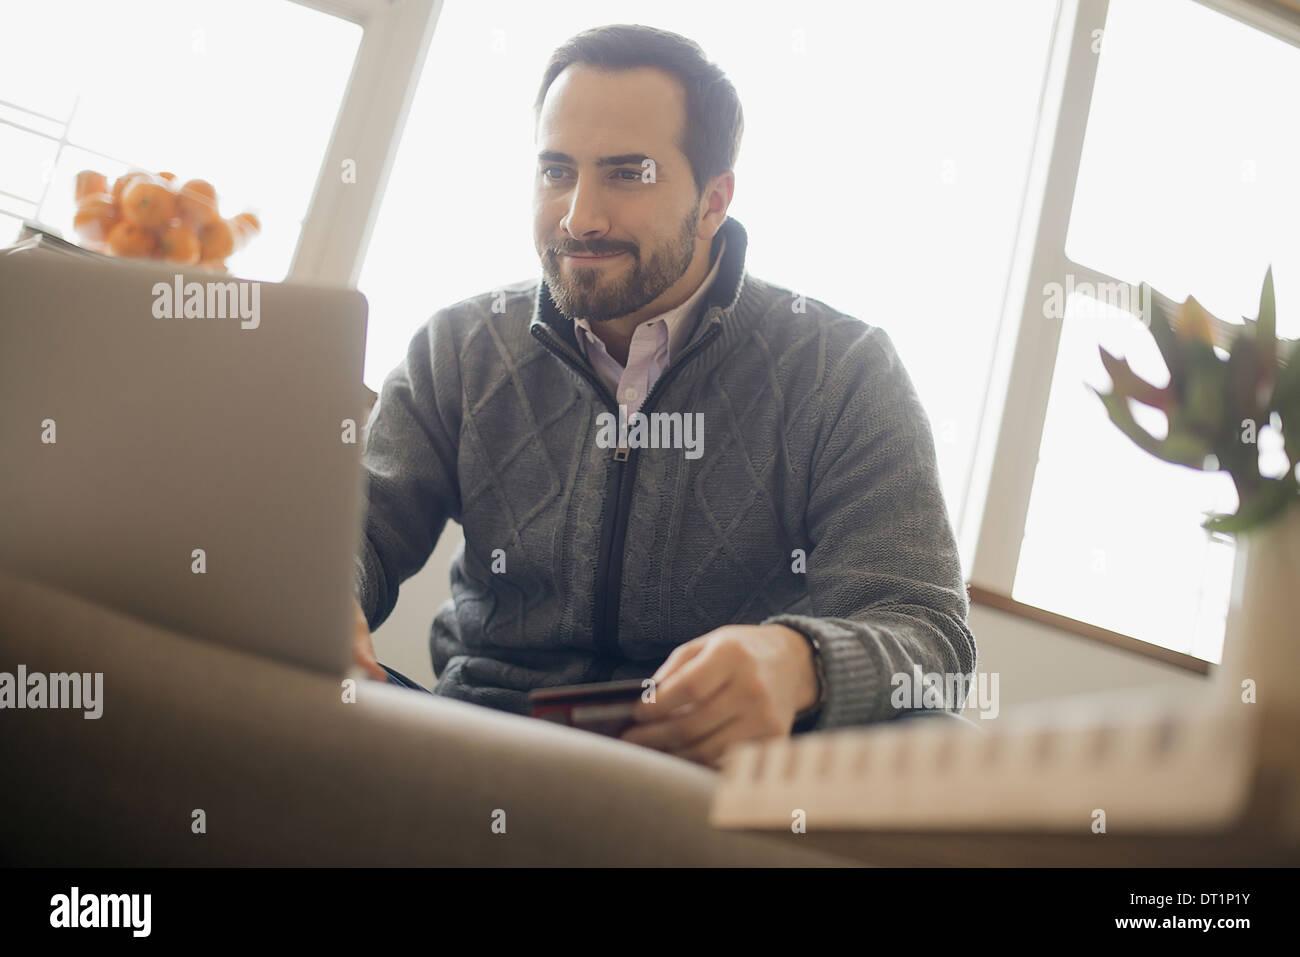 Hombre de compras on-line en el portátil en el sofá con tarjeta de crédito Imagen De Stock